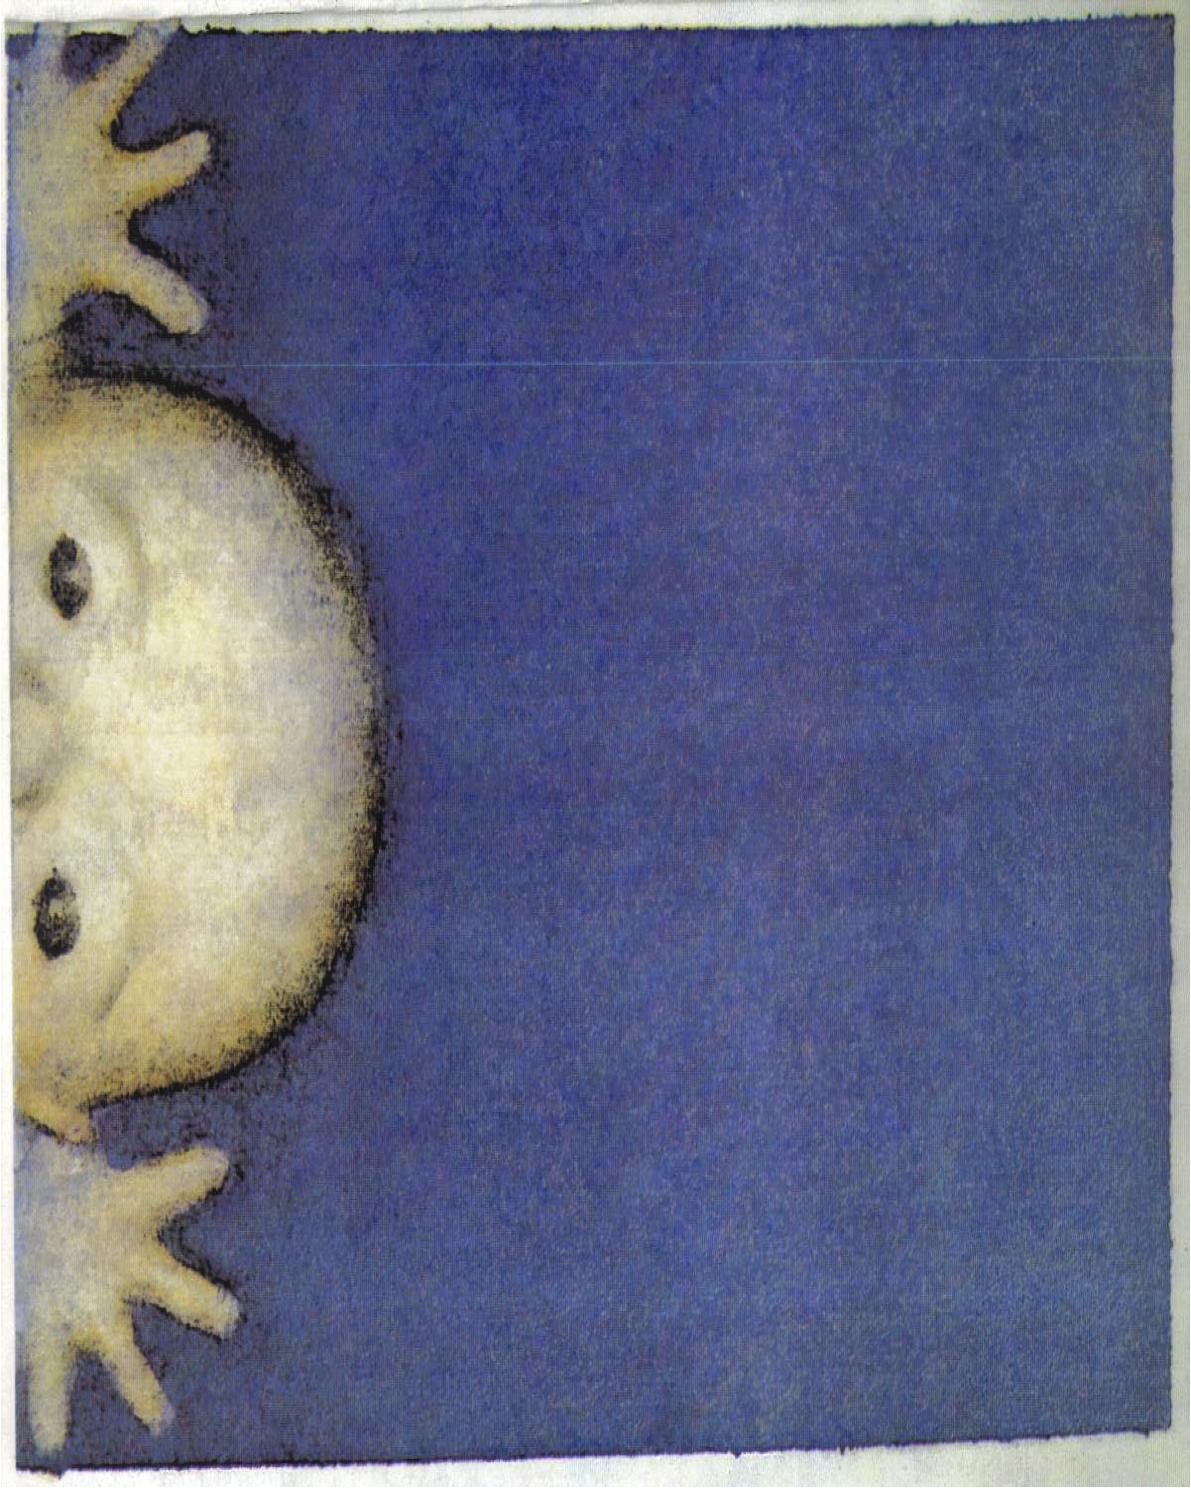 Illustration from The Nativity, 1988, Julie Vivas